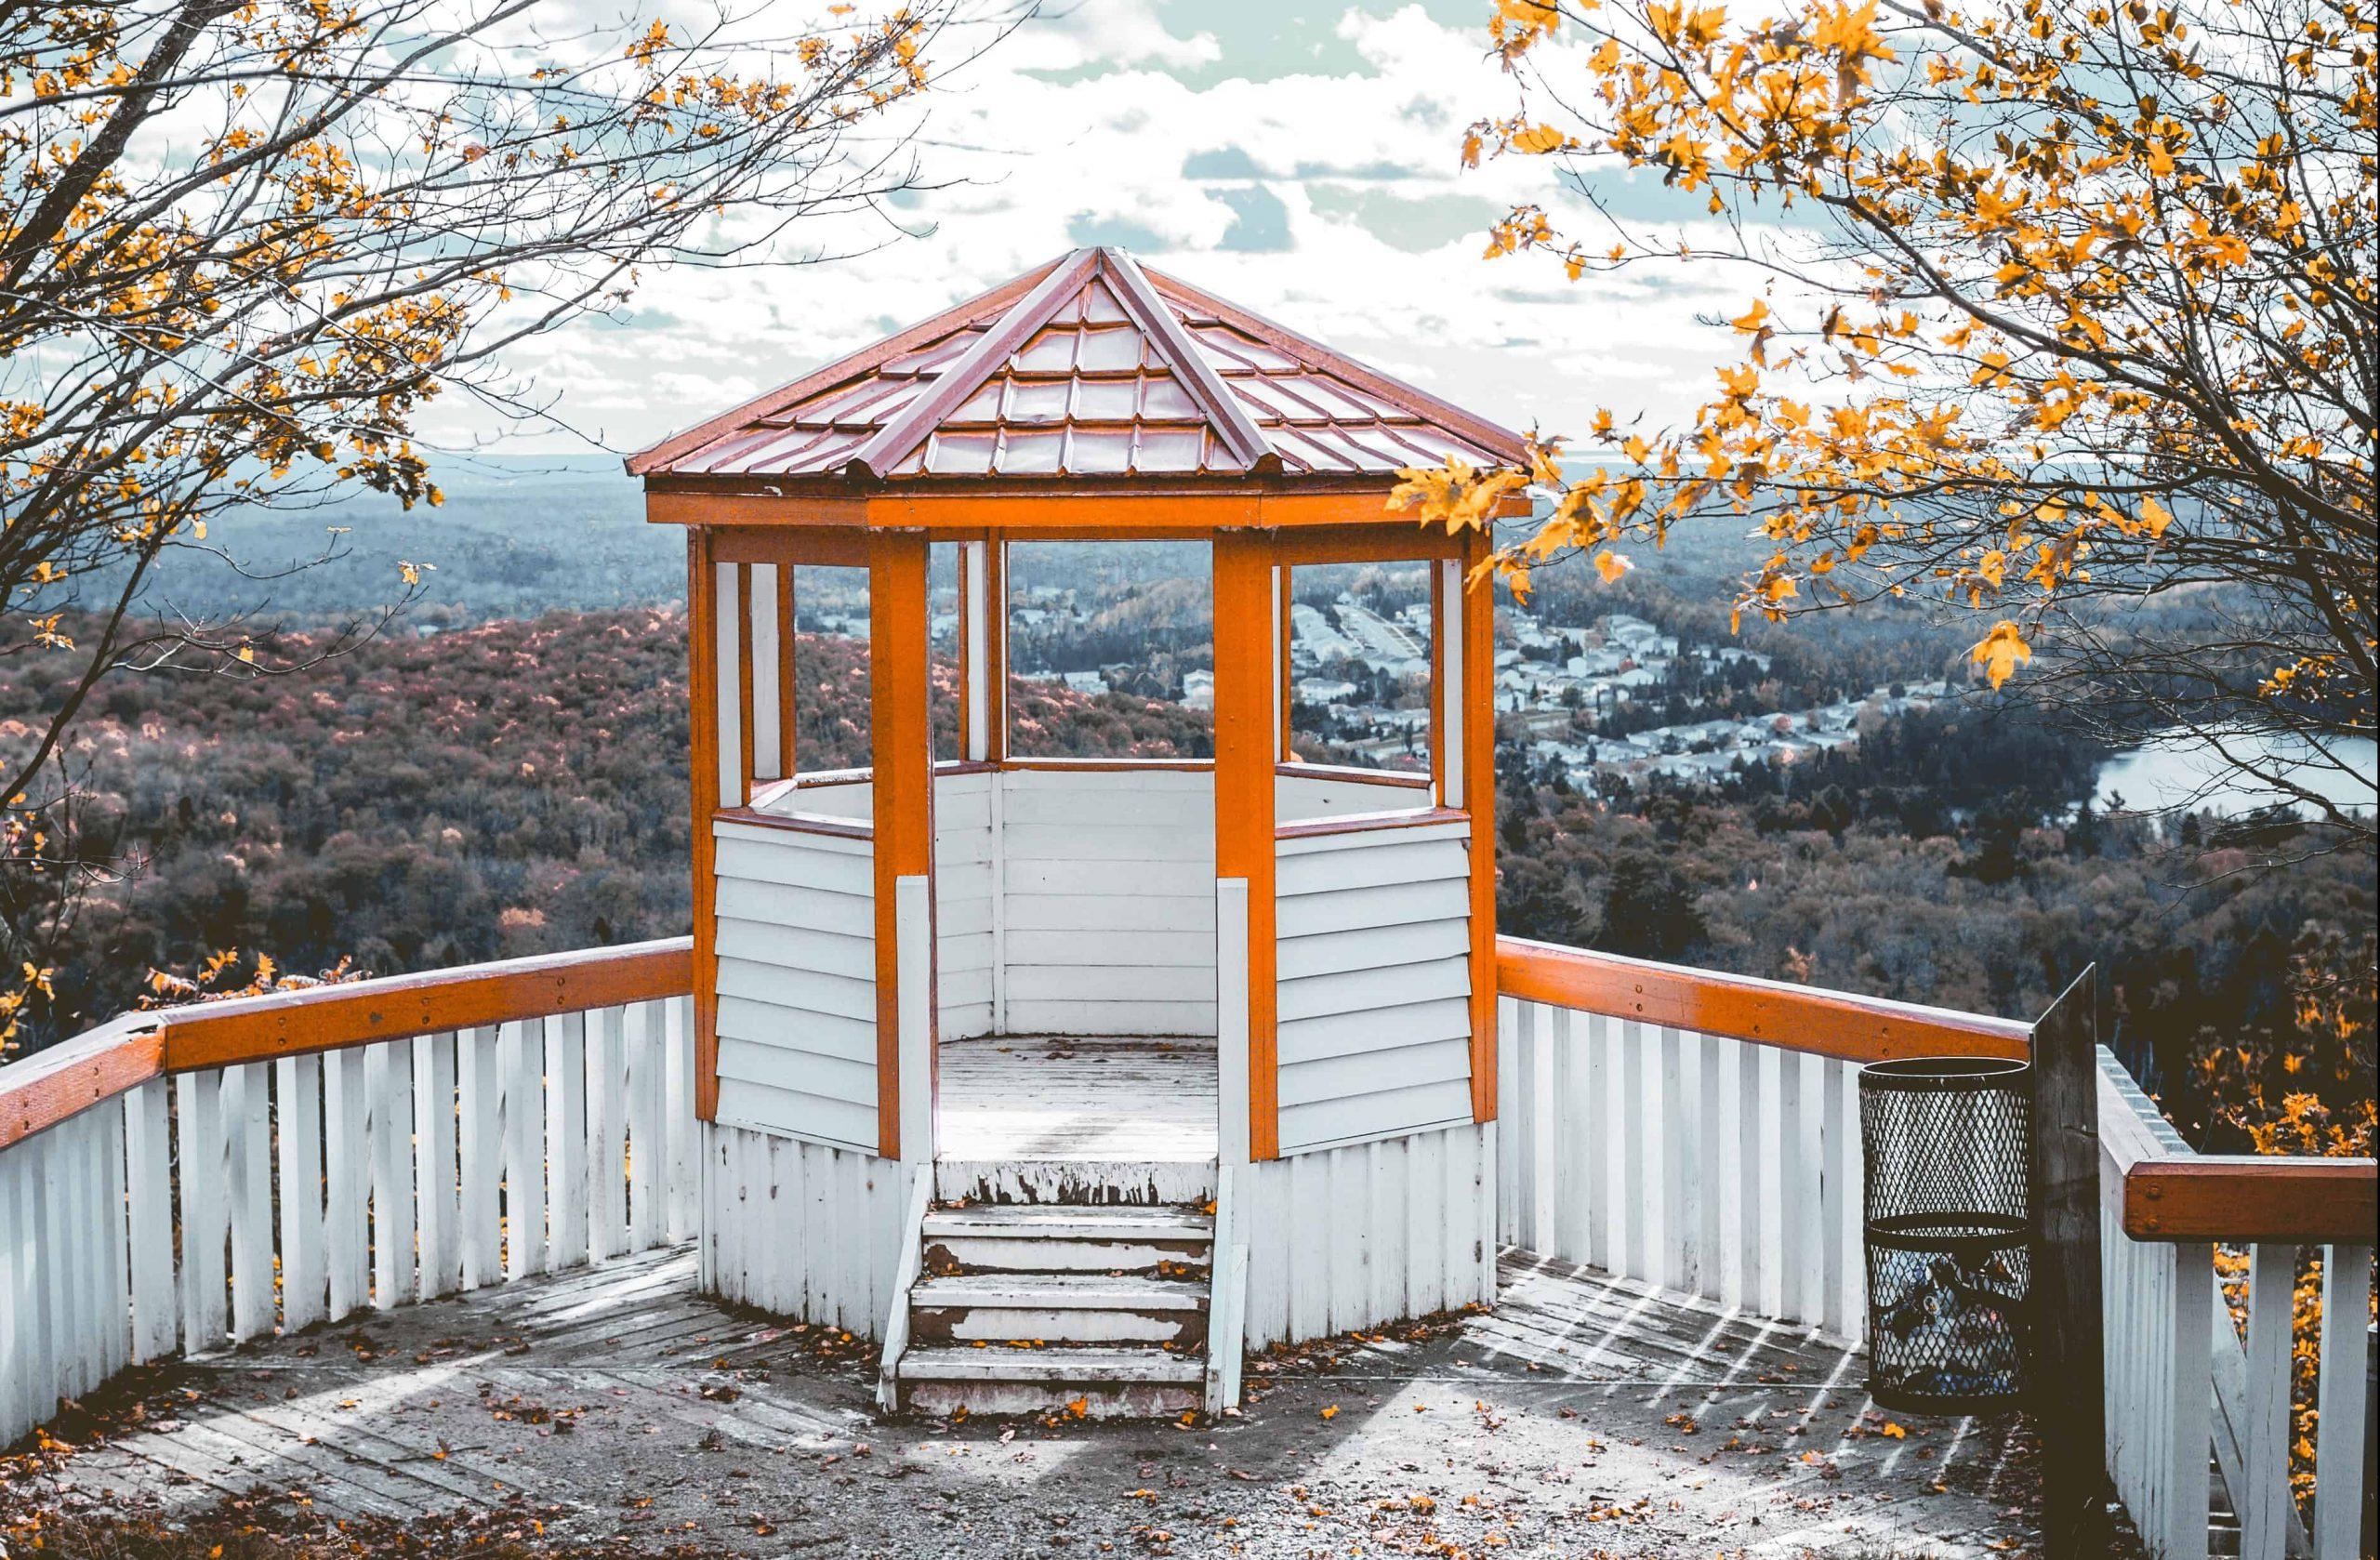 Full Size of Holzpavillon Test Empfehlungen 04 20 Gartenbook Pavillon Garten Küche Selber Planen Bett Zusammenstellen Bauen Velux Fenster Einbauen Einbauküche Wohnzimmer Pavillon Selber Bauen